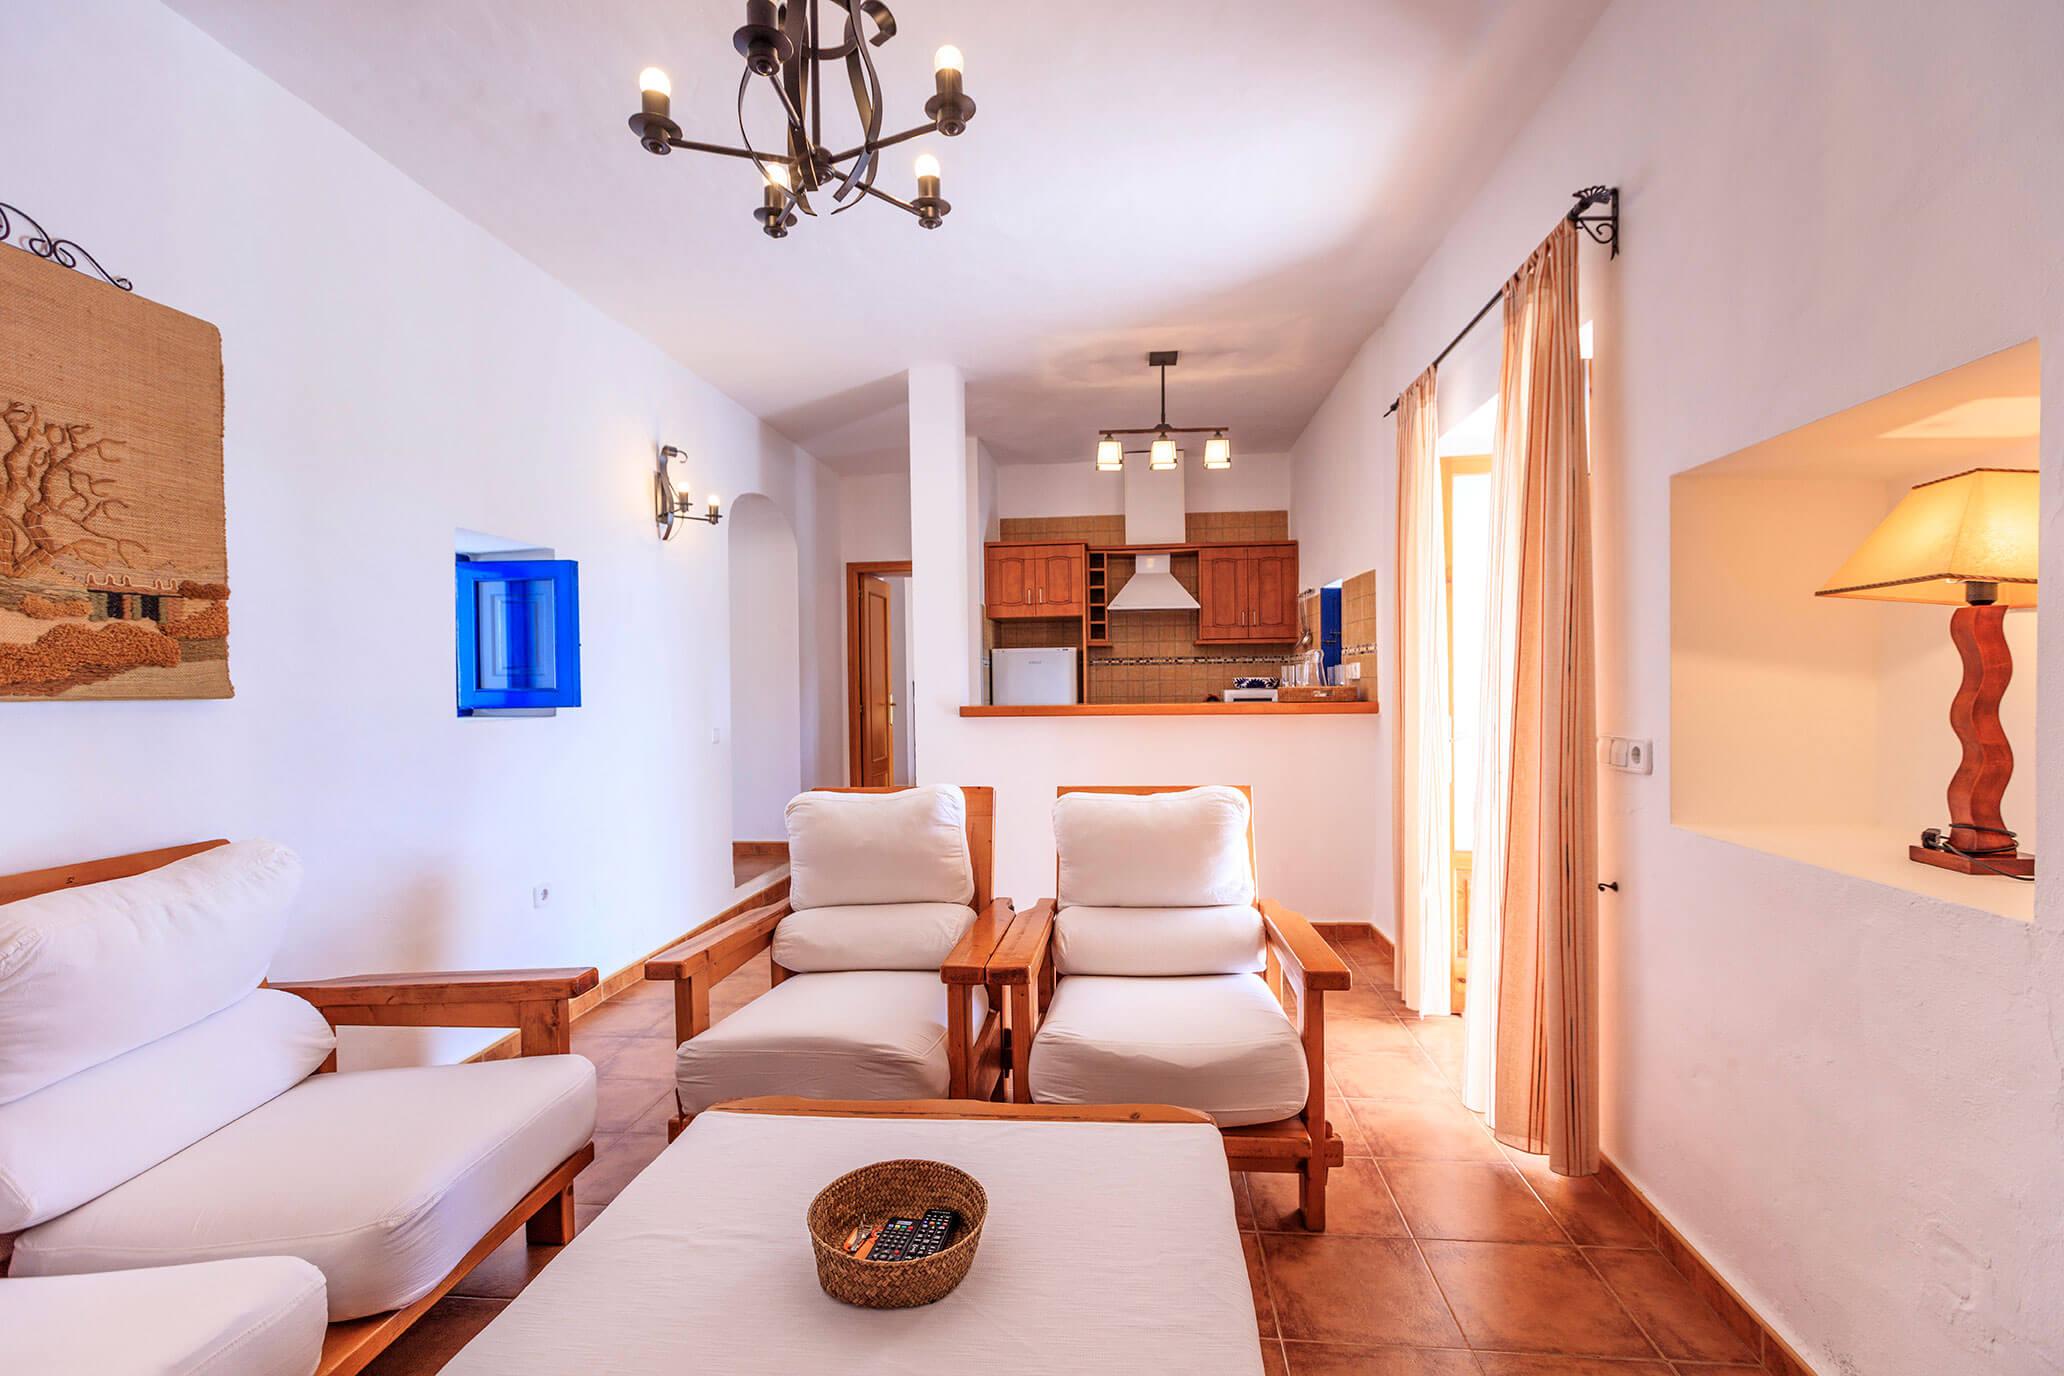 Comedor y cocina casa rural Can Carlets. Alojamientos turísticos Cardona en Formentera.